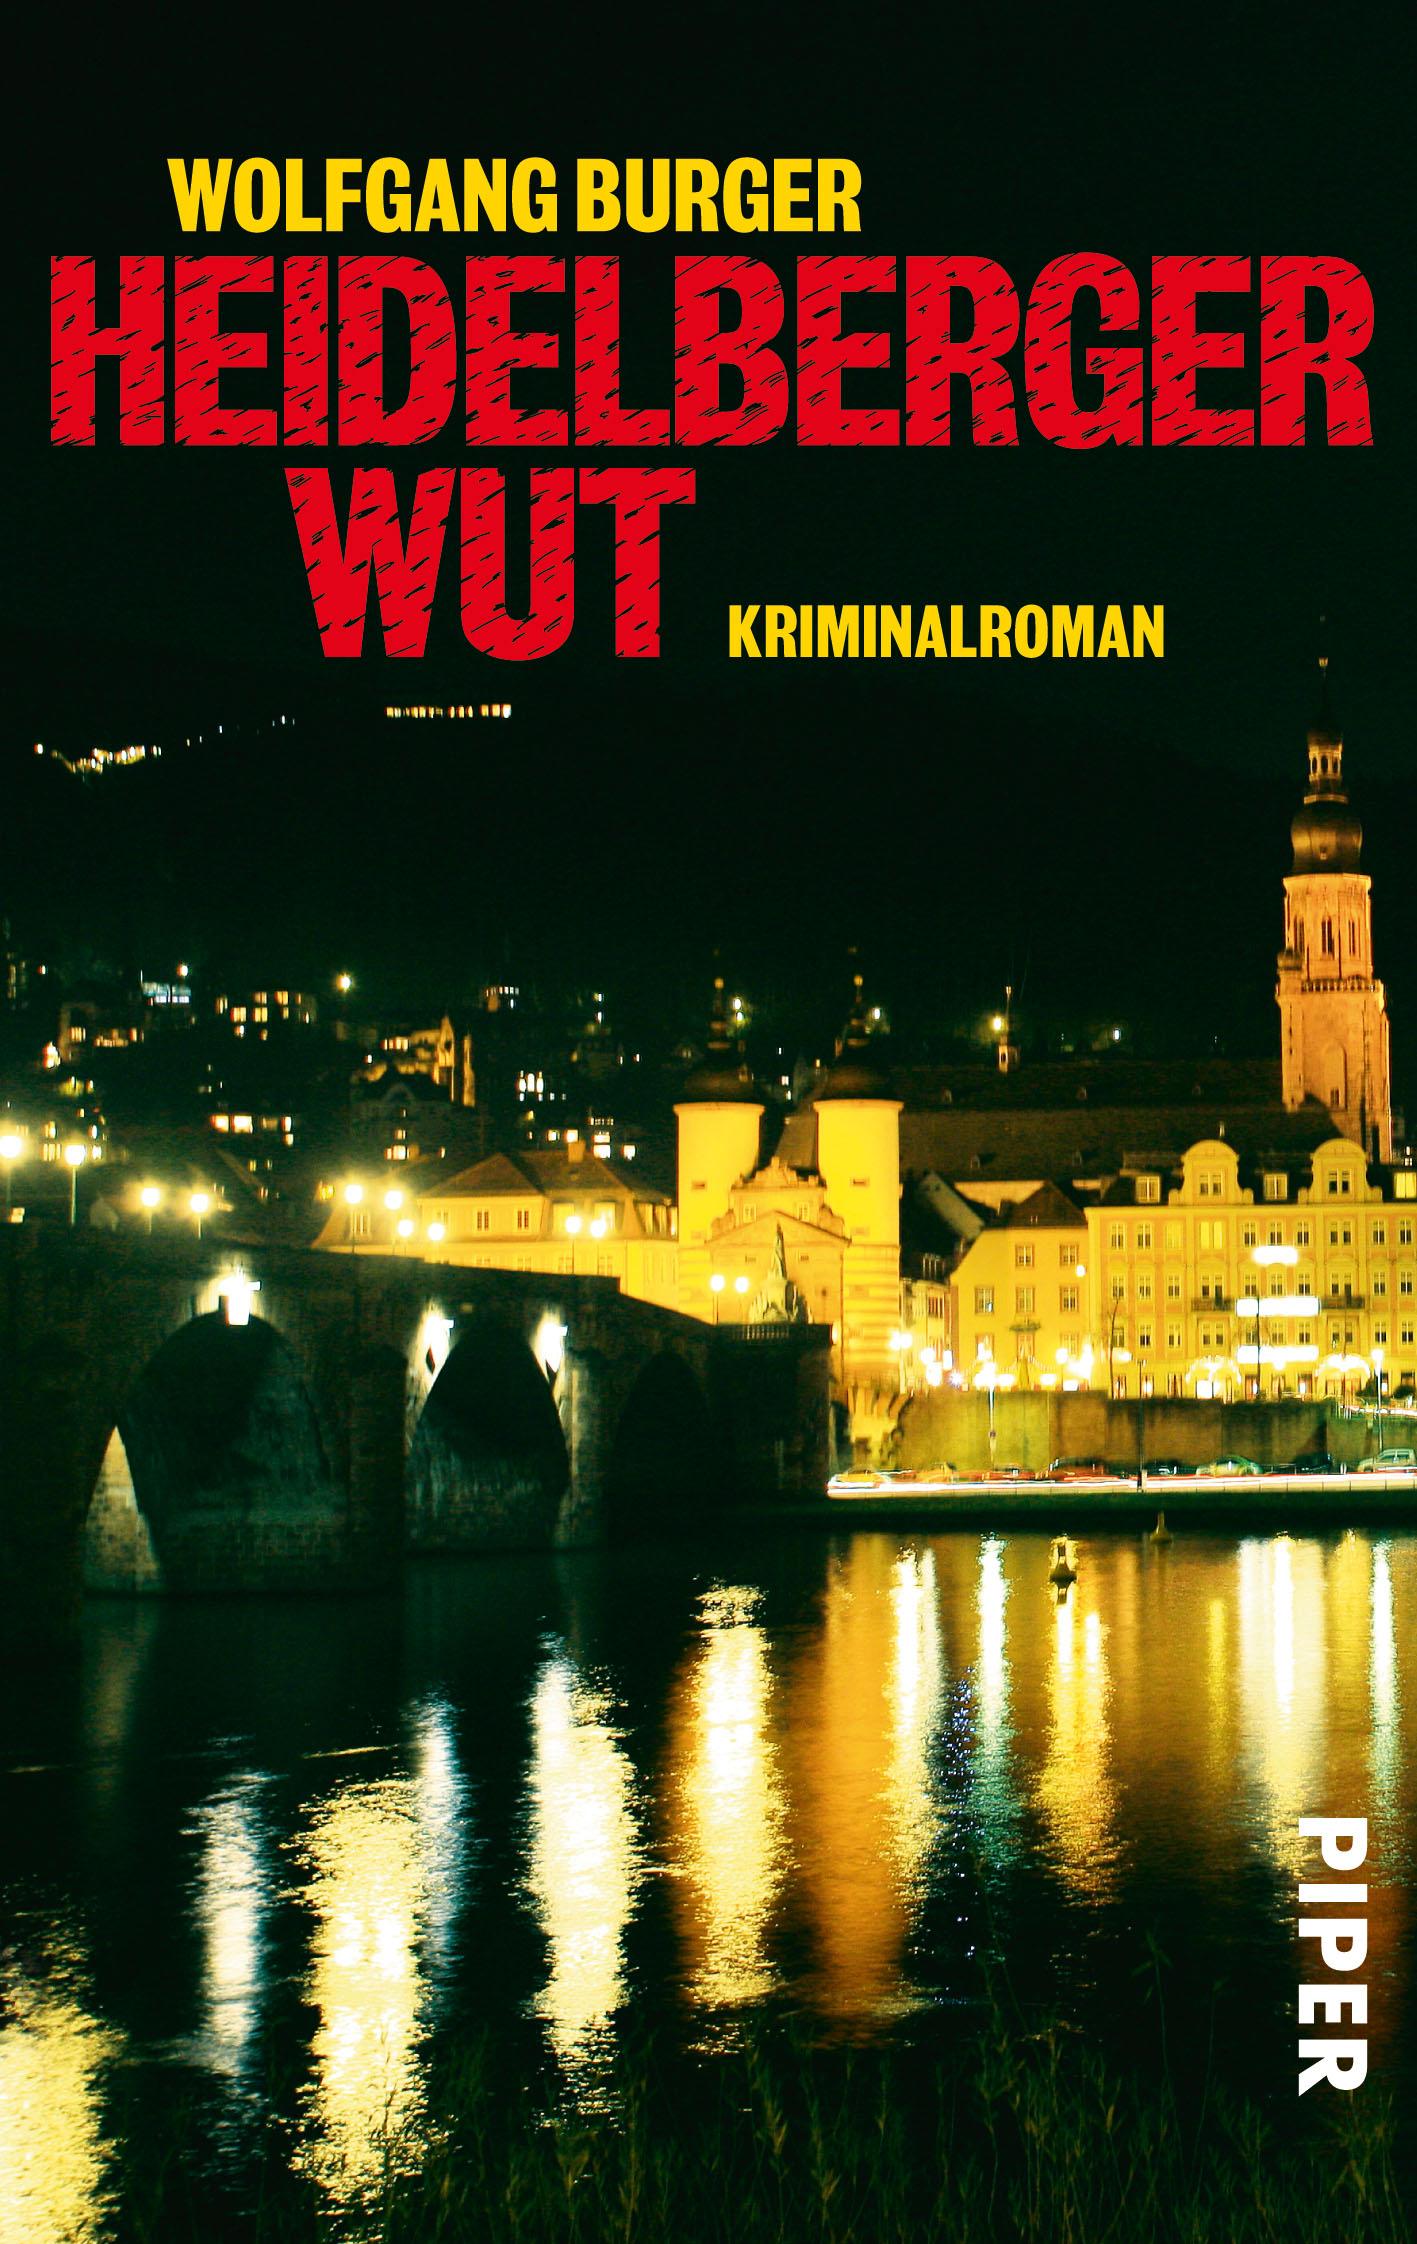 Heidelberger Wut - Wolfgang Burger